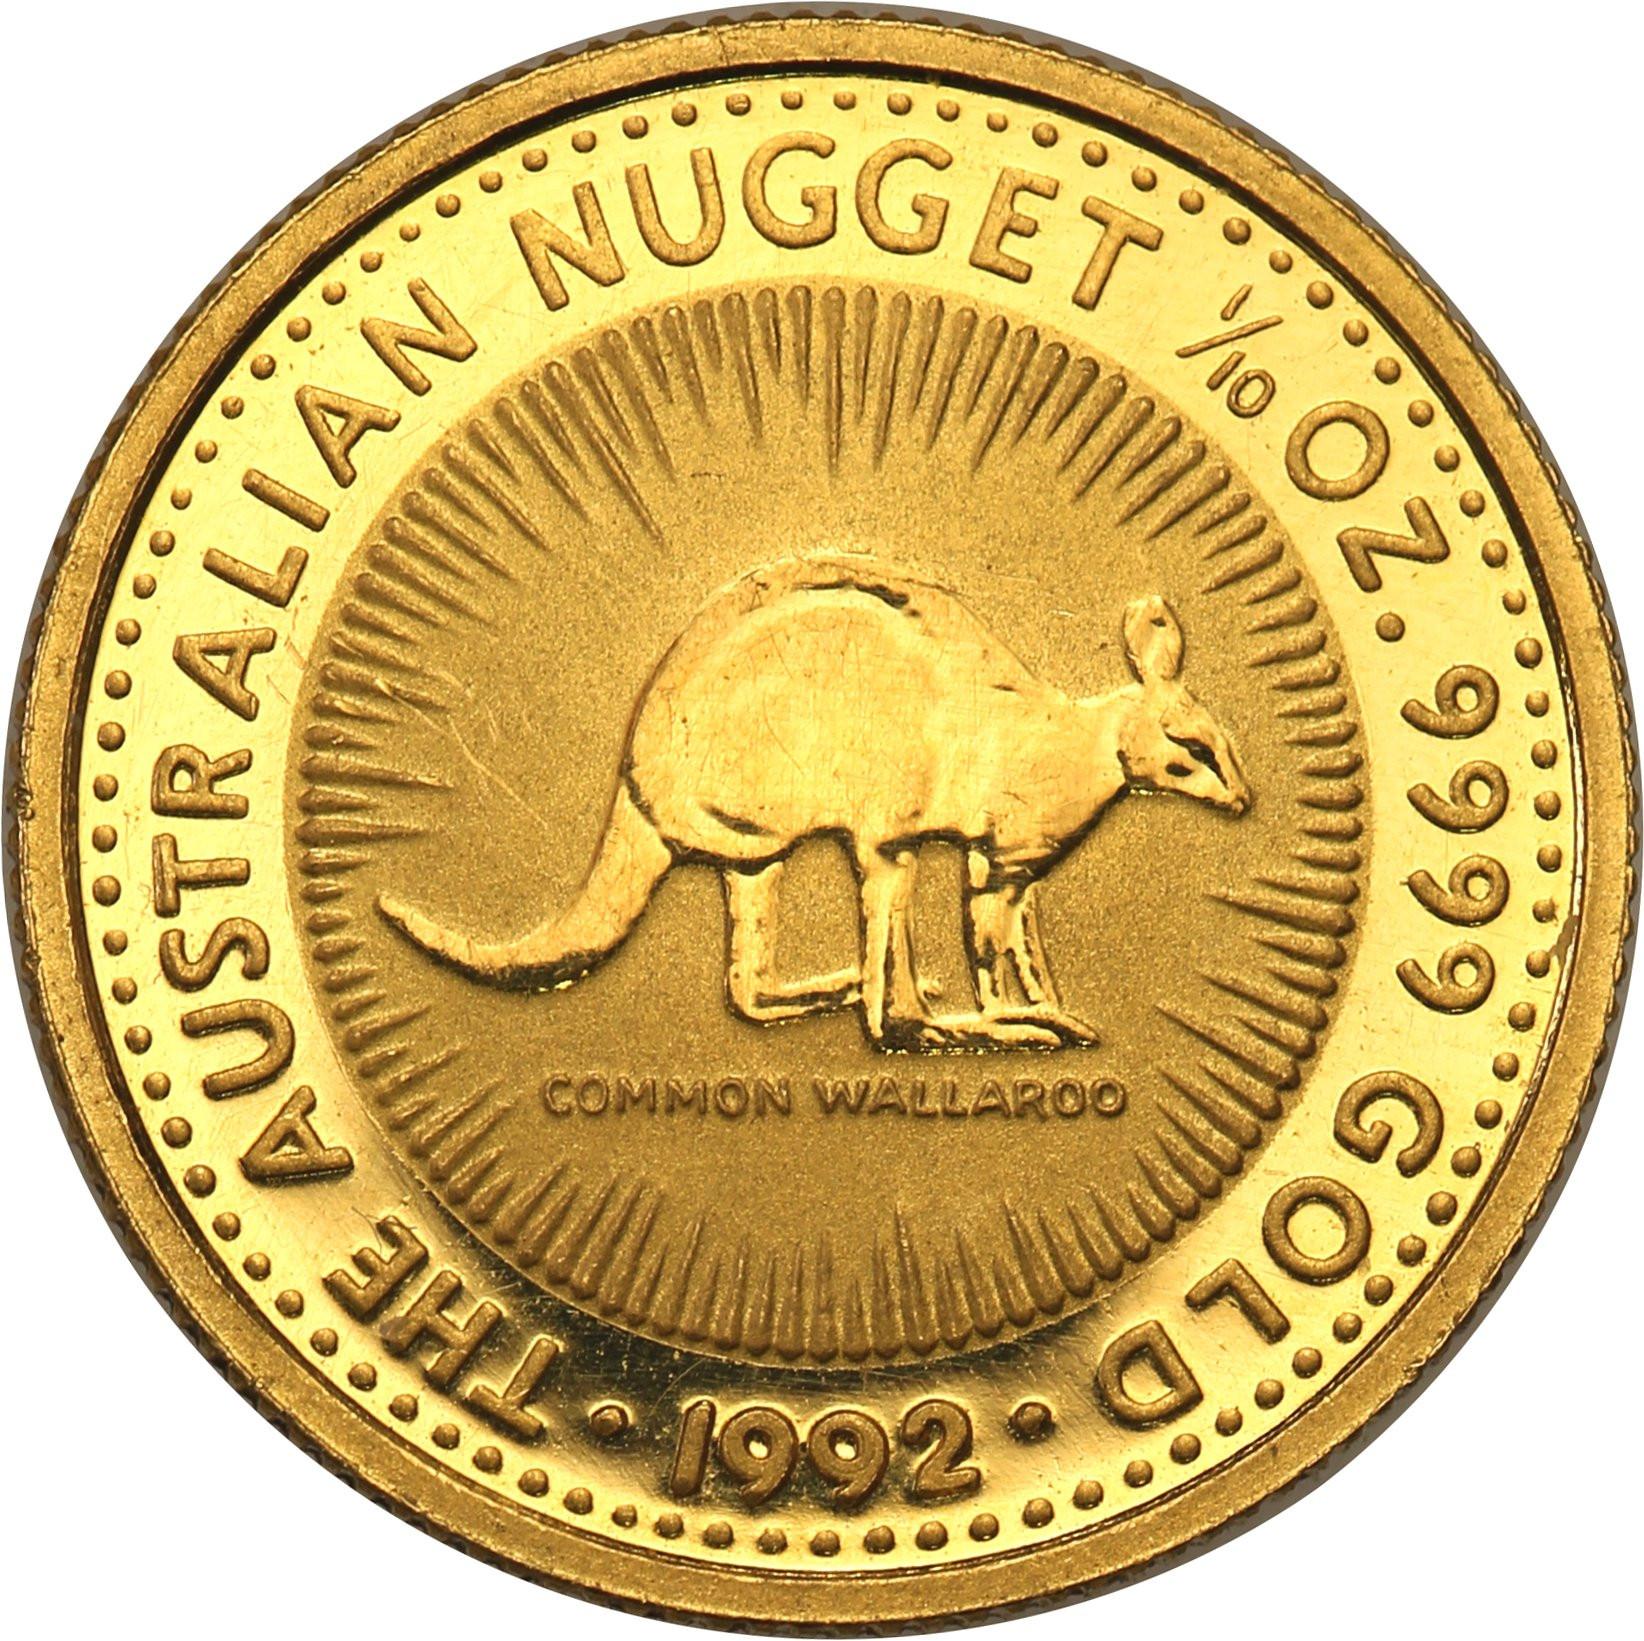 Australia 15 dolarów 1992 (1/10 uncji złota) kangur st.L